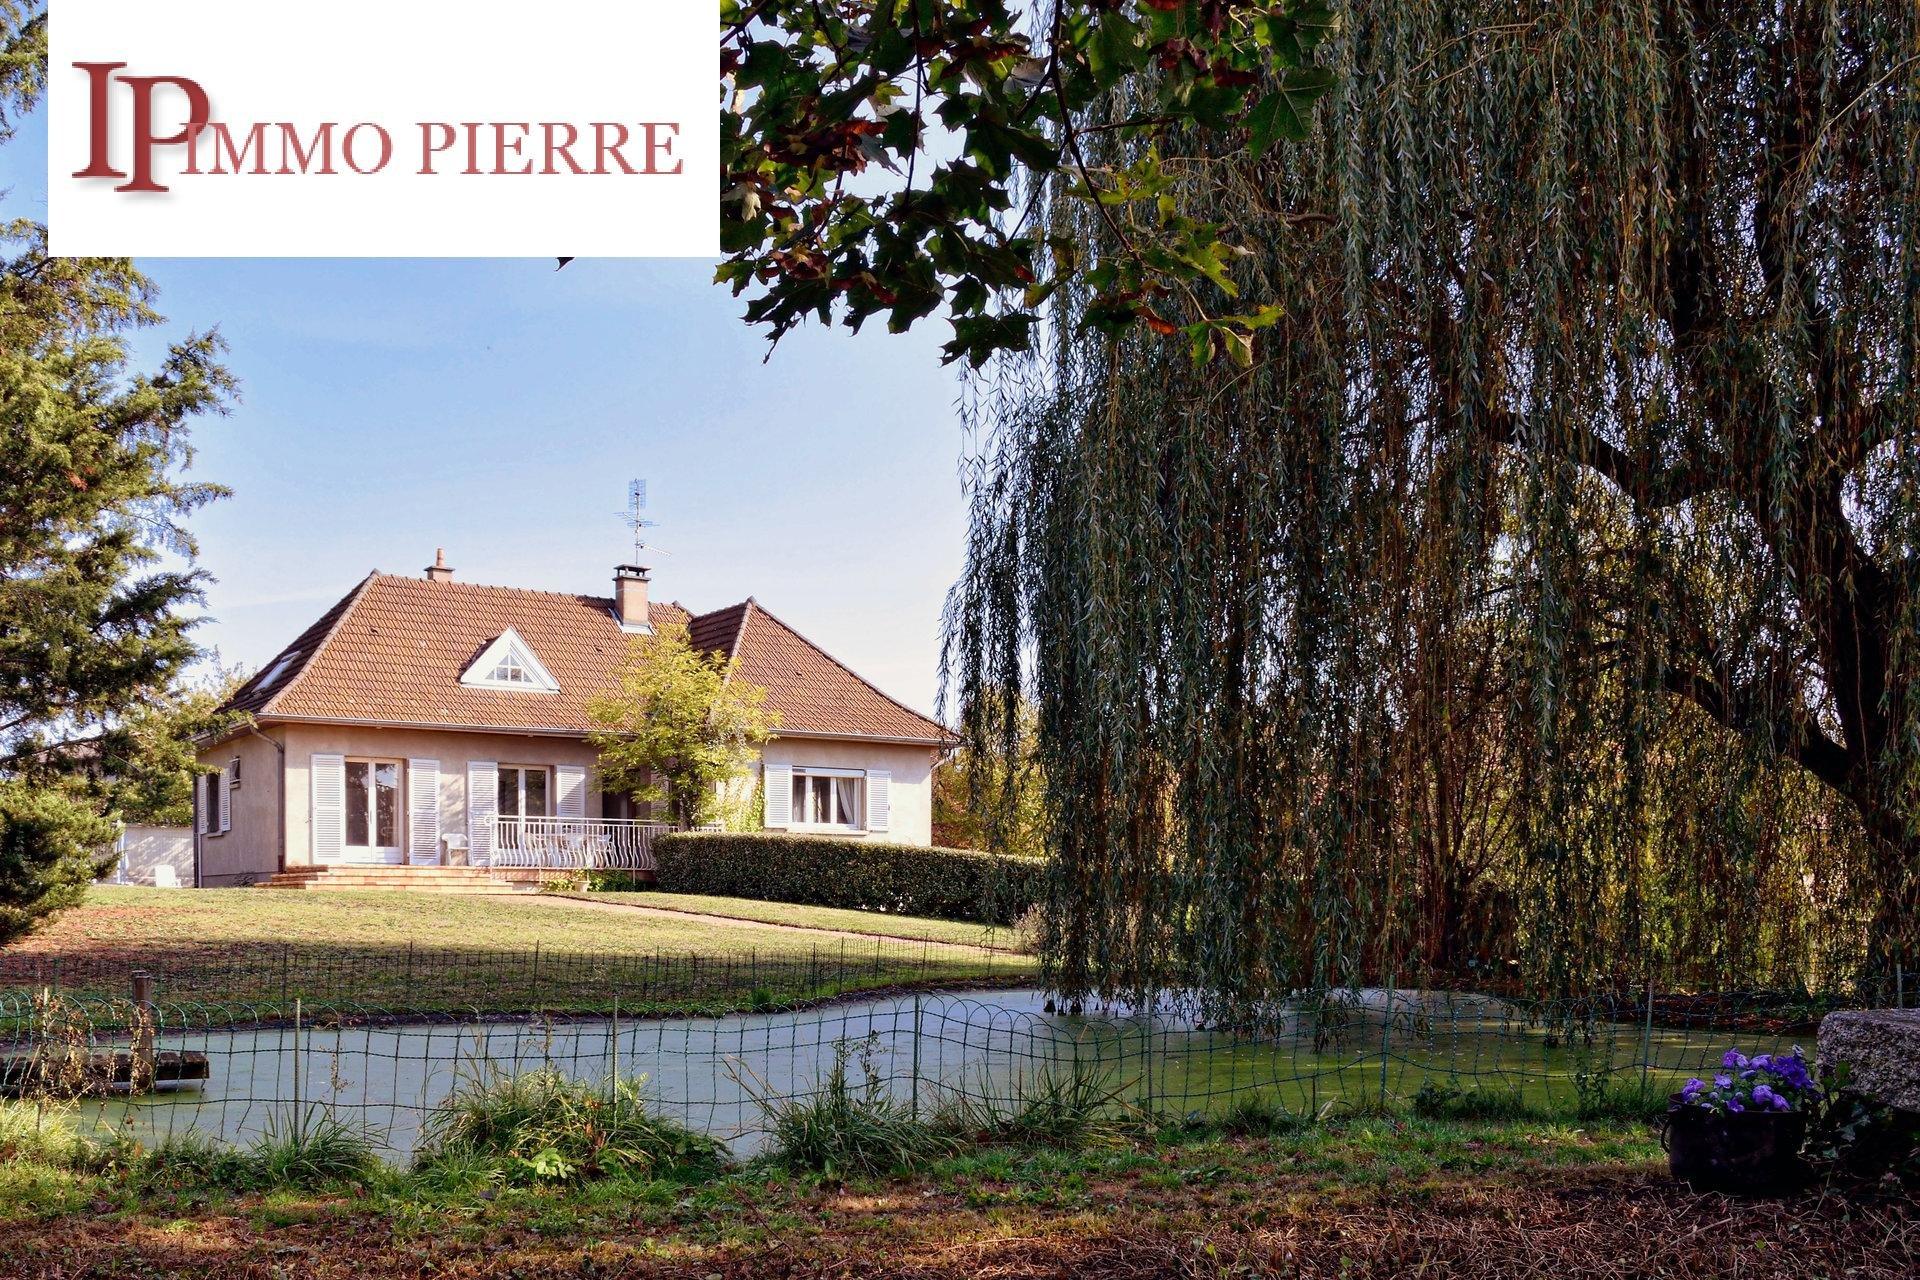 Maison traditionnelle de 180 m², avec jardin et piscine.